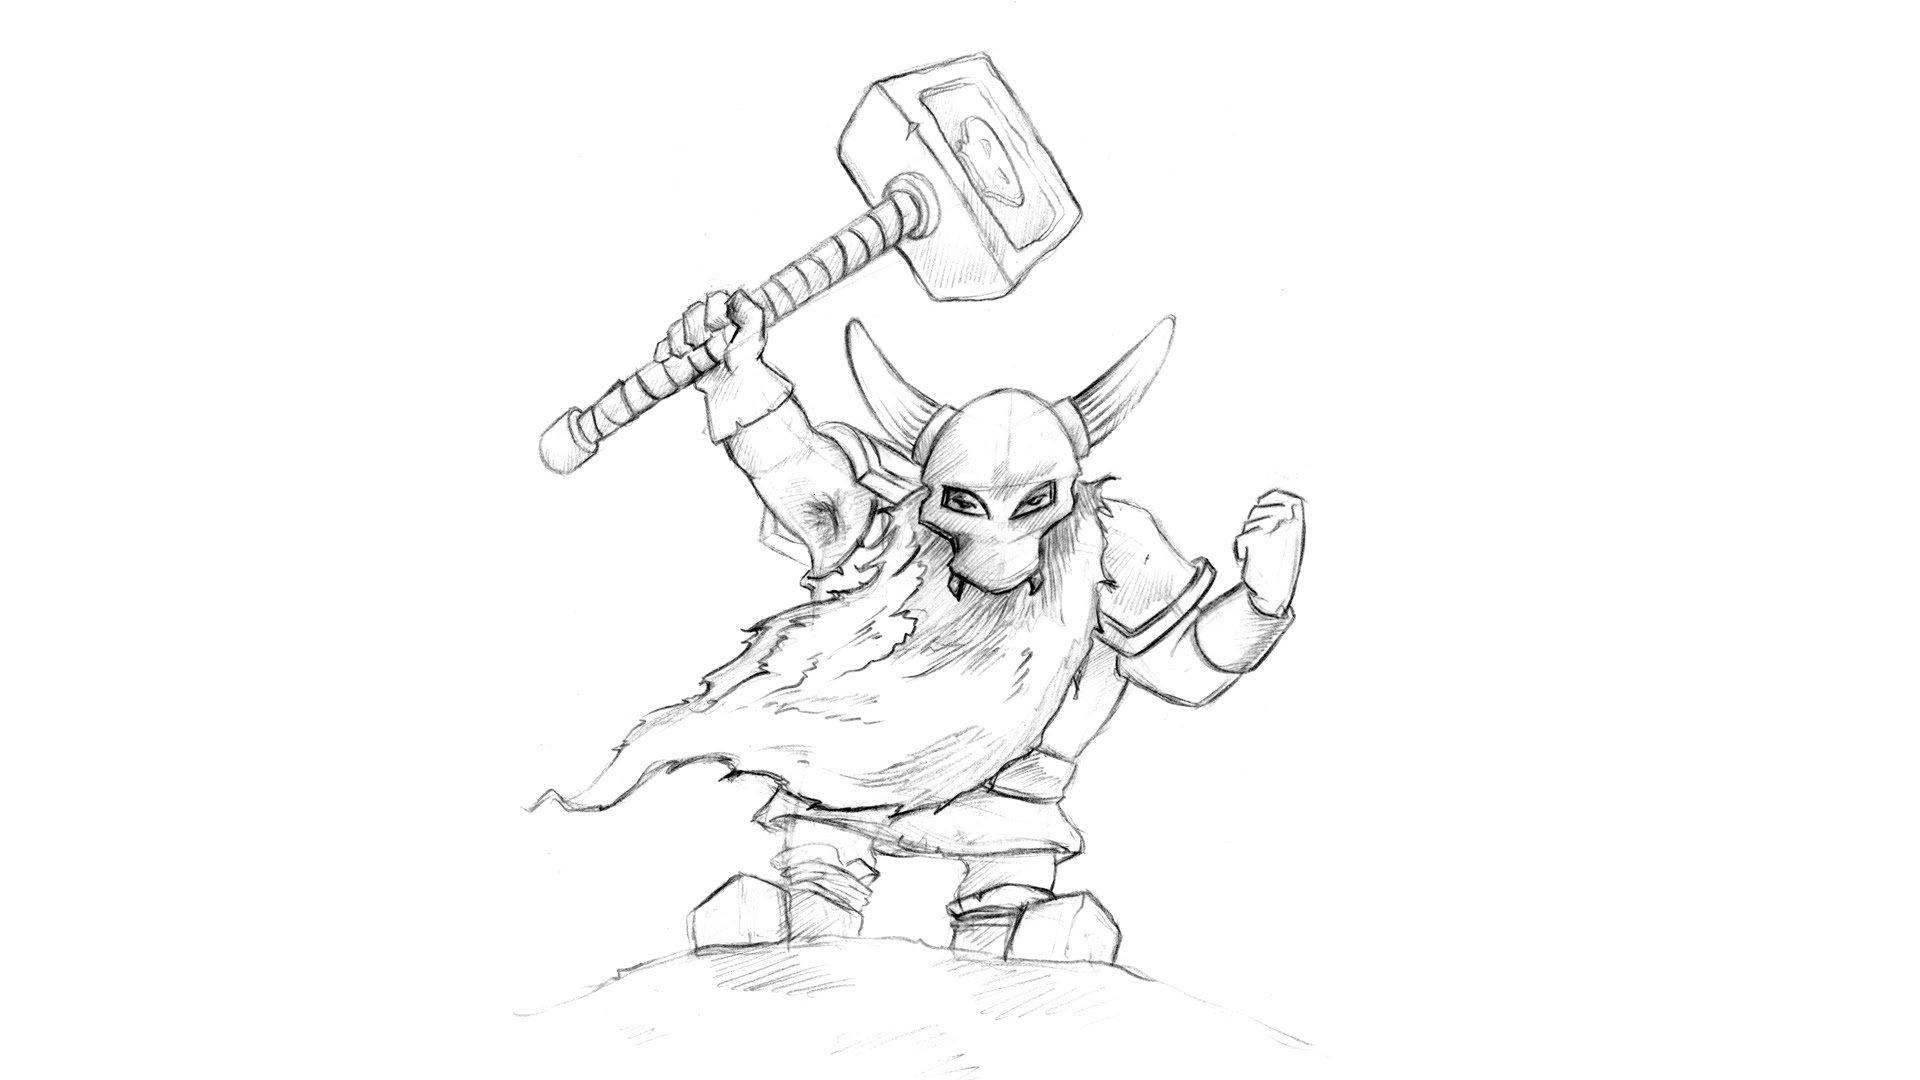 1920x1080 How To Draw A Dwarf Warrior